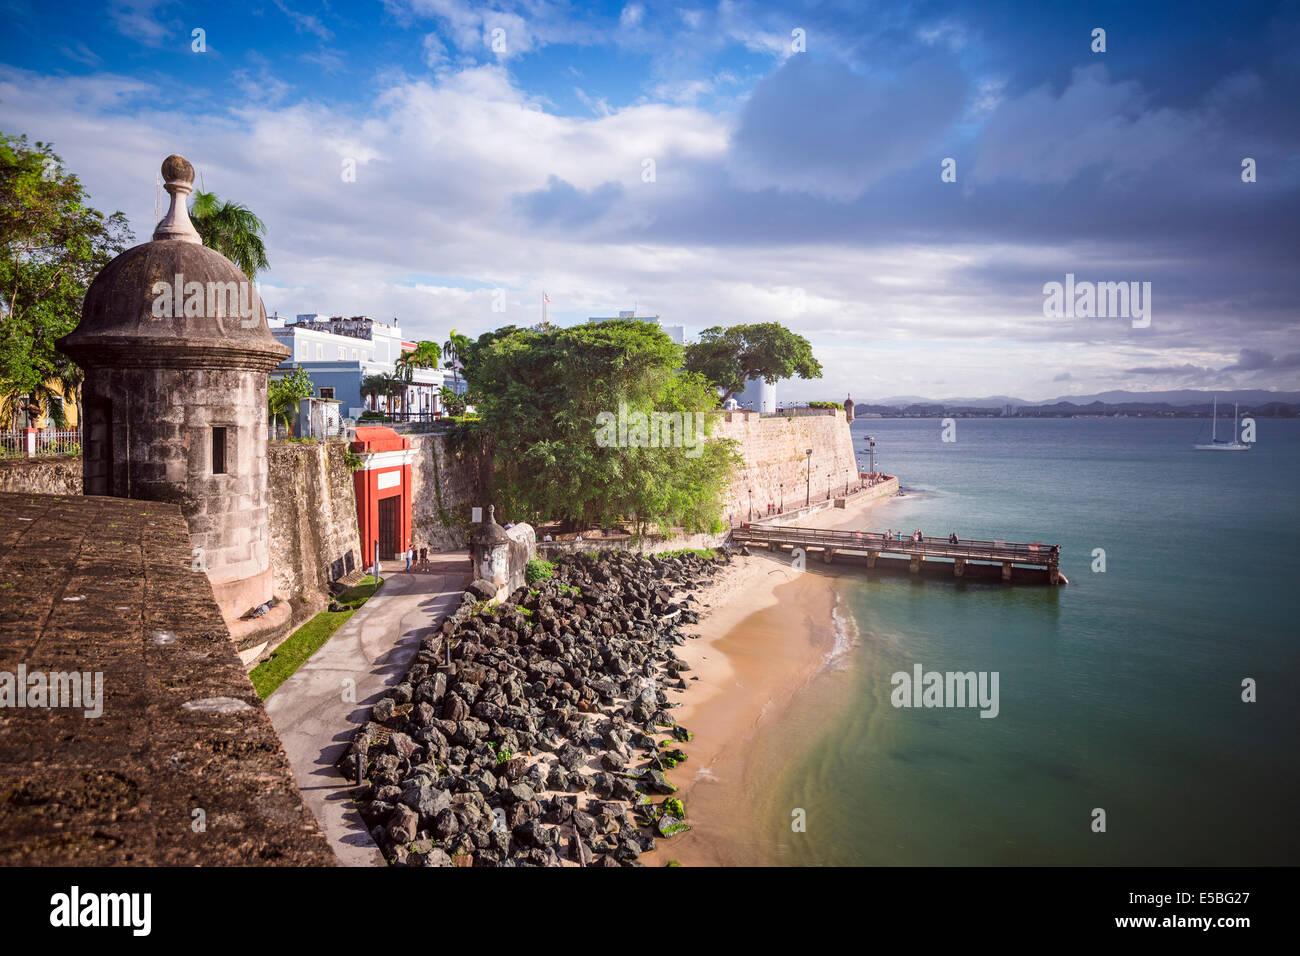 San Juan, Puerto Rico, Costa. Imagen De Stock